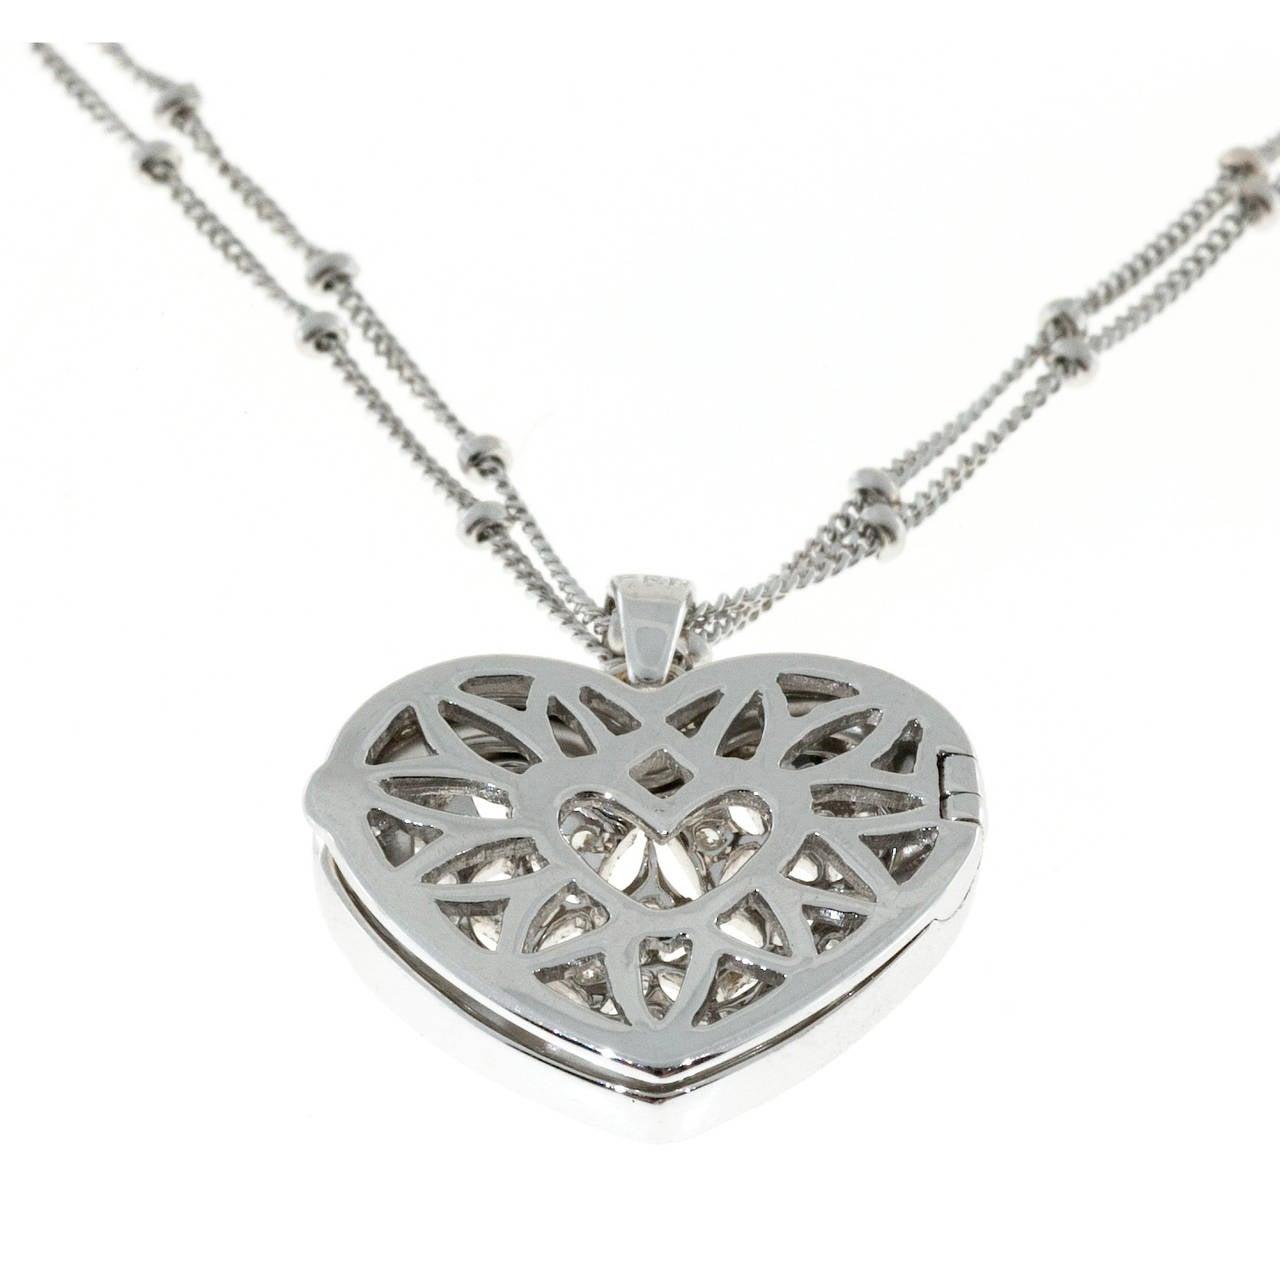 Diamond Gold Open Work Heart Locket Pendant Chain 3